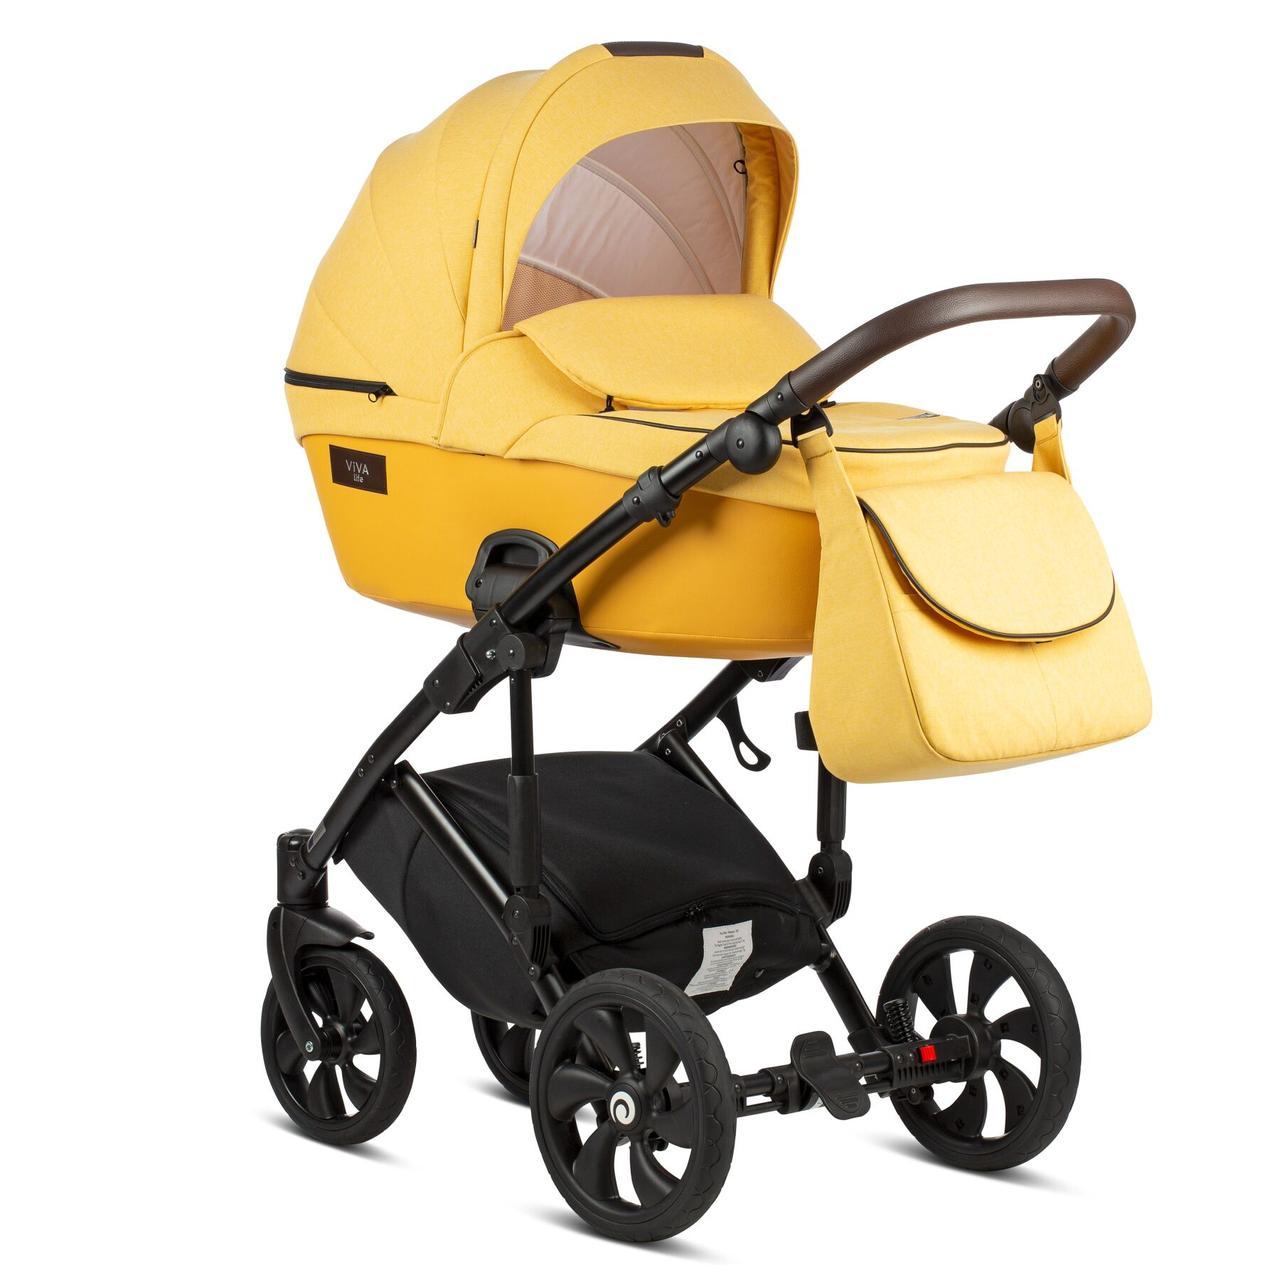 Детская универсальная коляска 2 в 1 Tutis Viva Life New Yolk Yellow/075